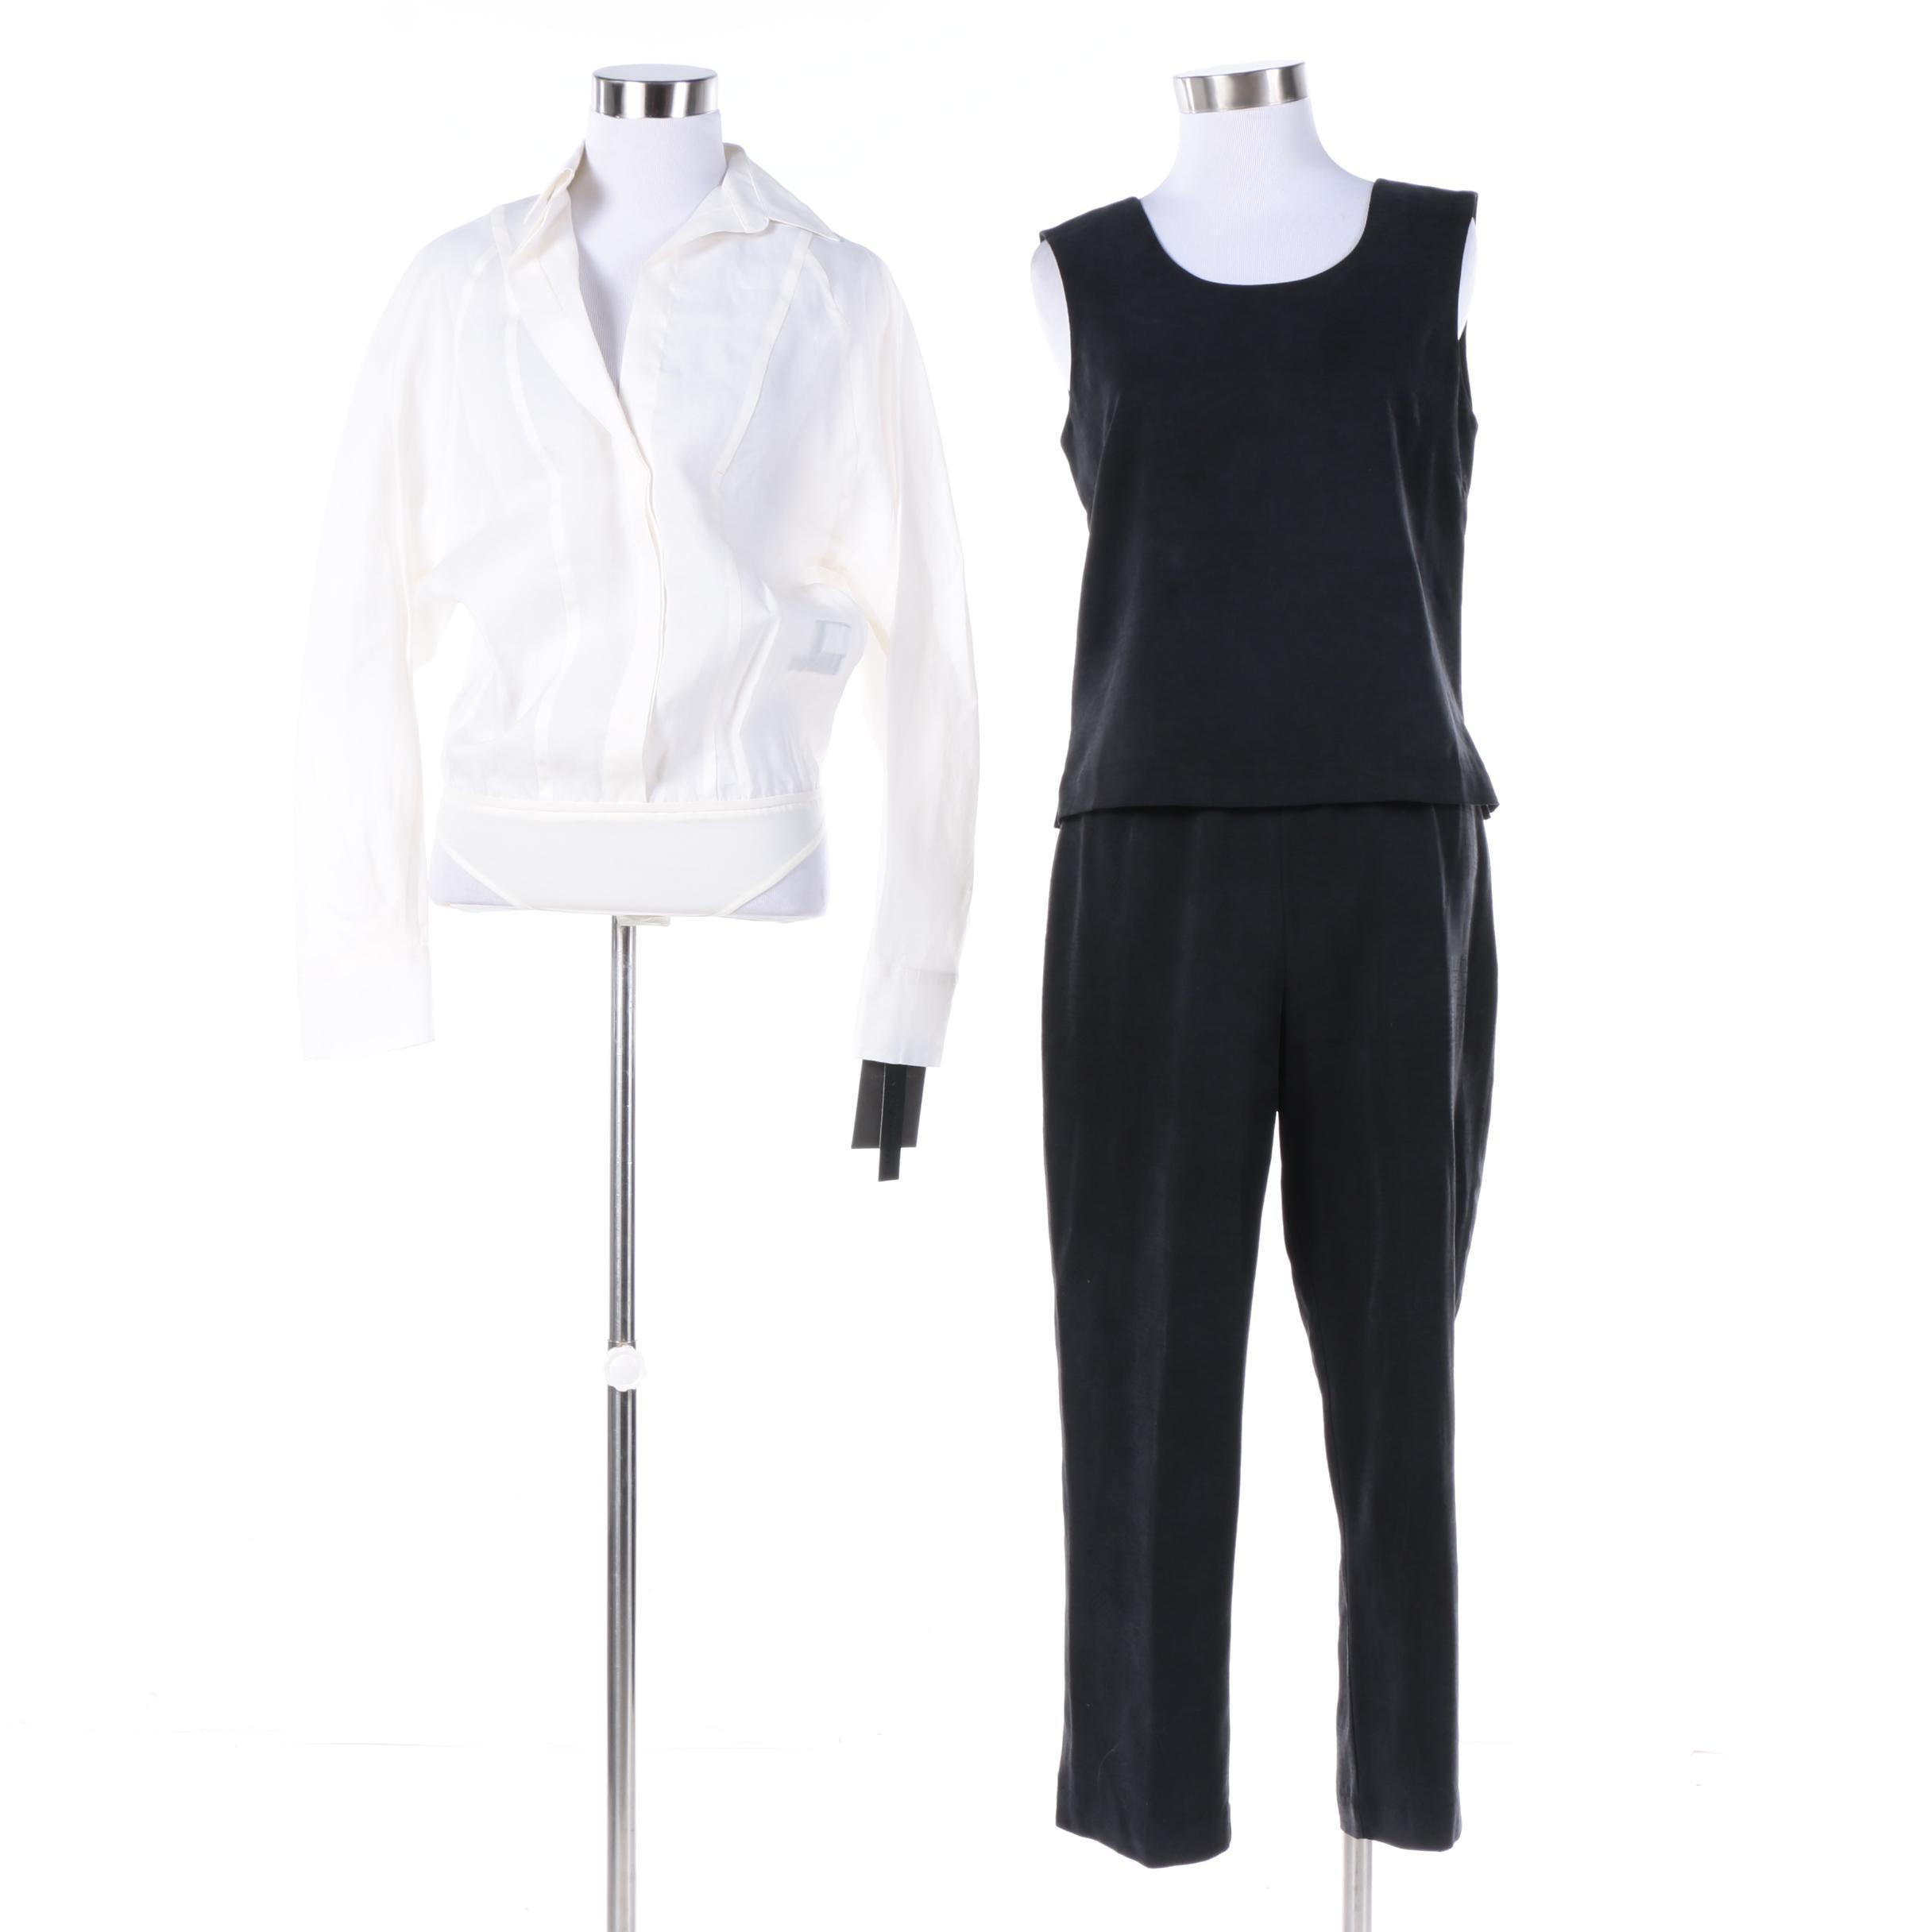 Tommy Bahama and Donna Karan Silk Clothing